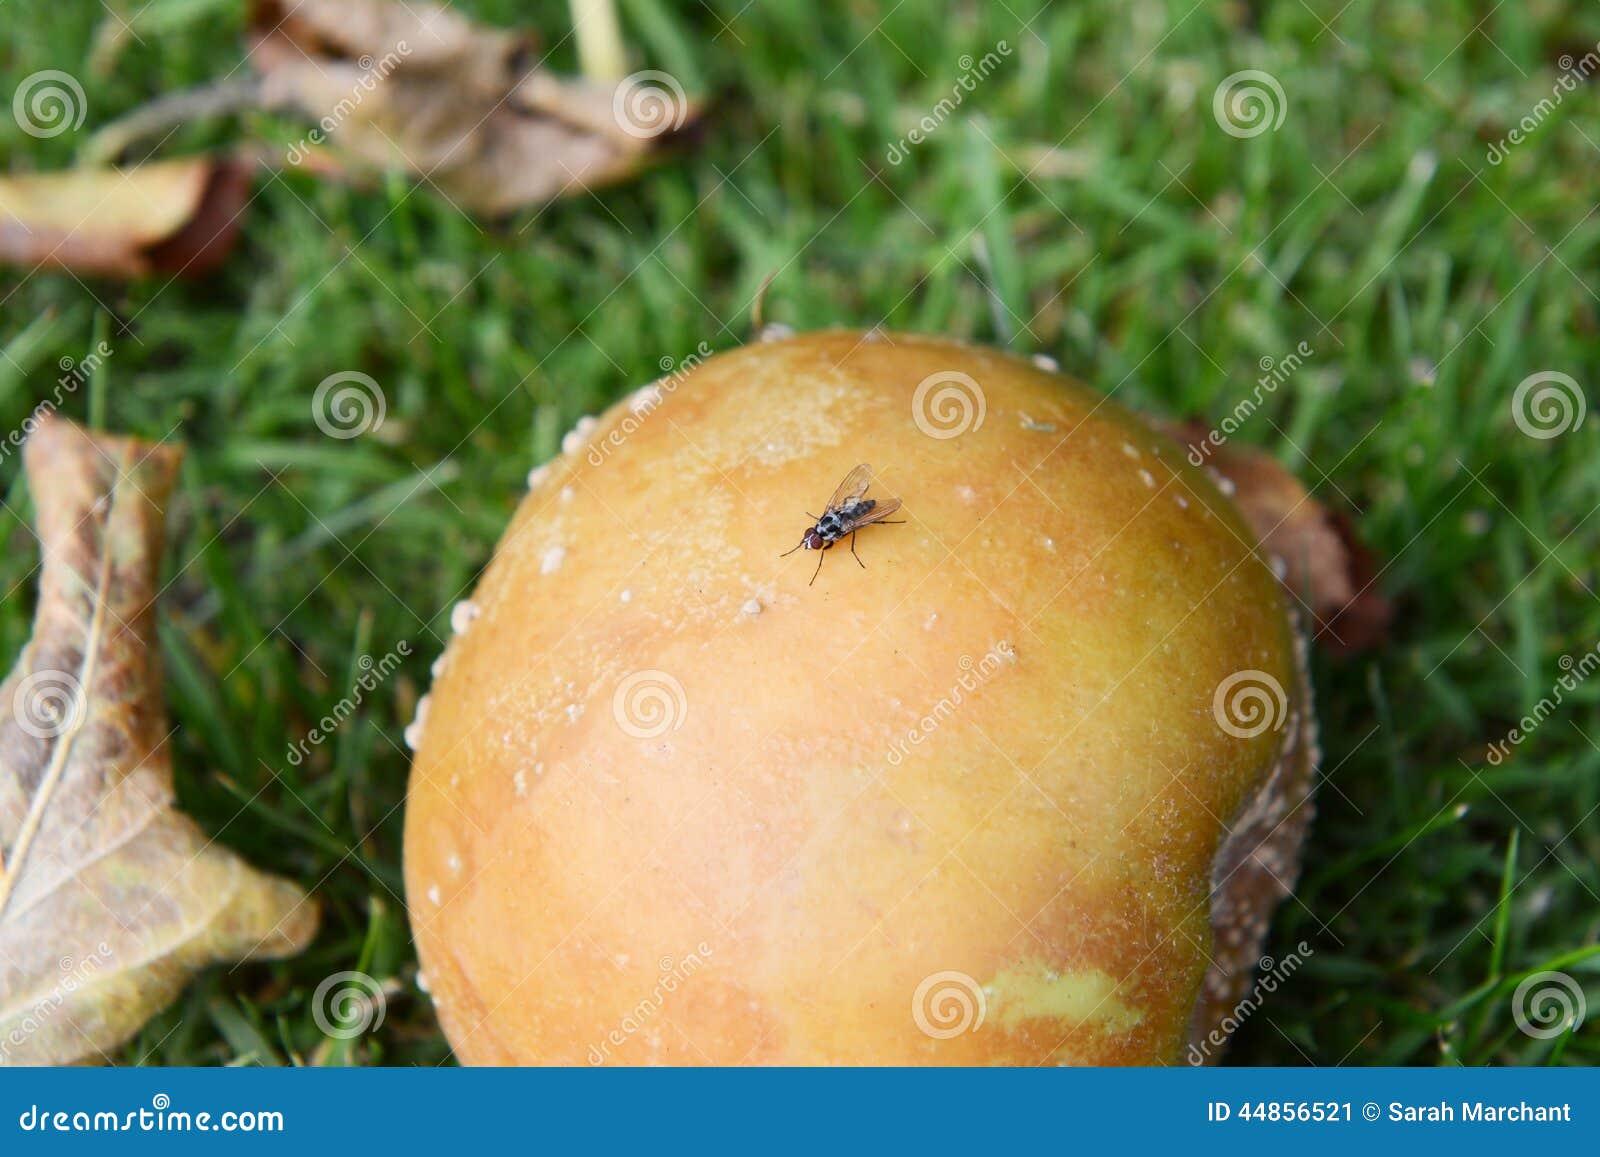 Pequeña mosca en una manzana putrefacta de la ganancia inesperada